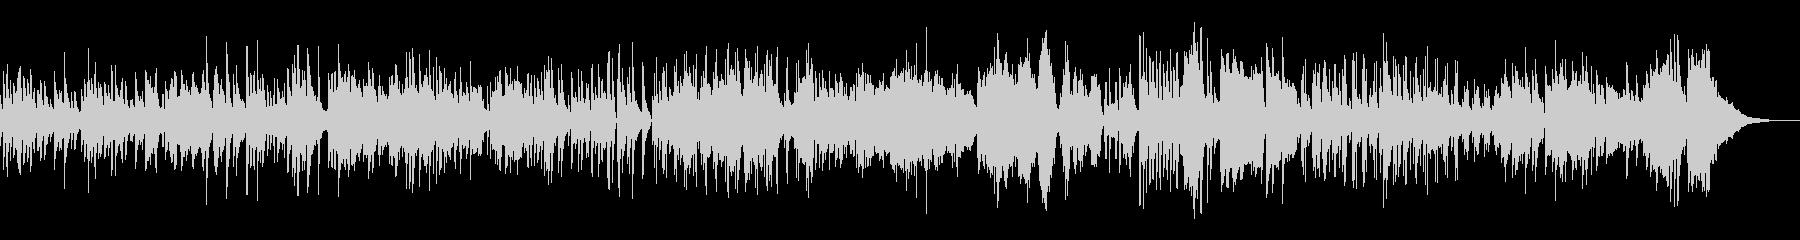 グリーンスリーブス合唱 ジャズ ゆったりの未再生の波形